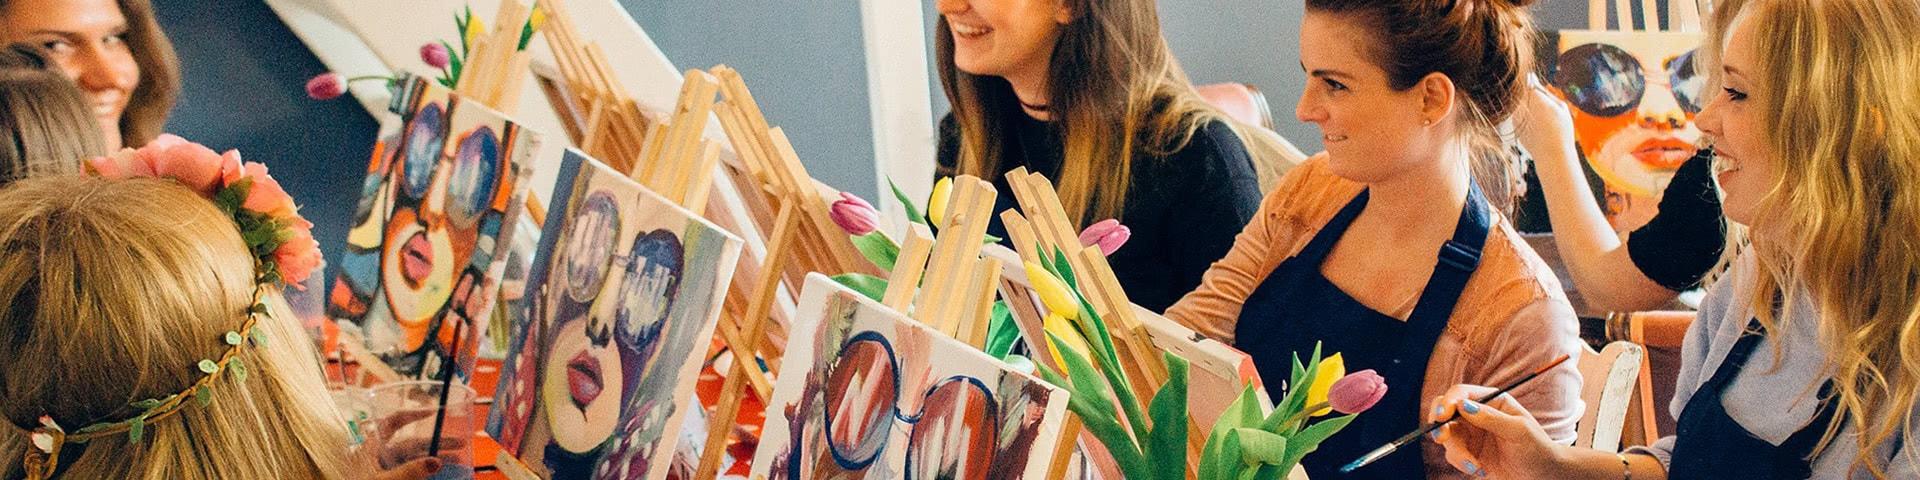 Frauengruppe malt Bilder bei einer Artnight in Bremen